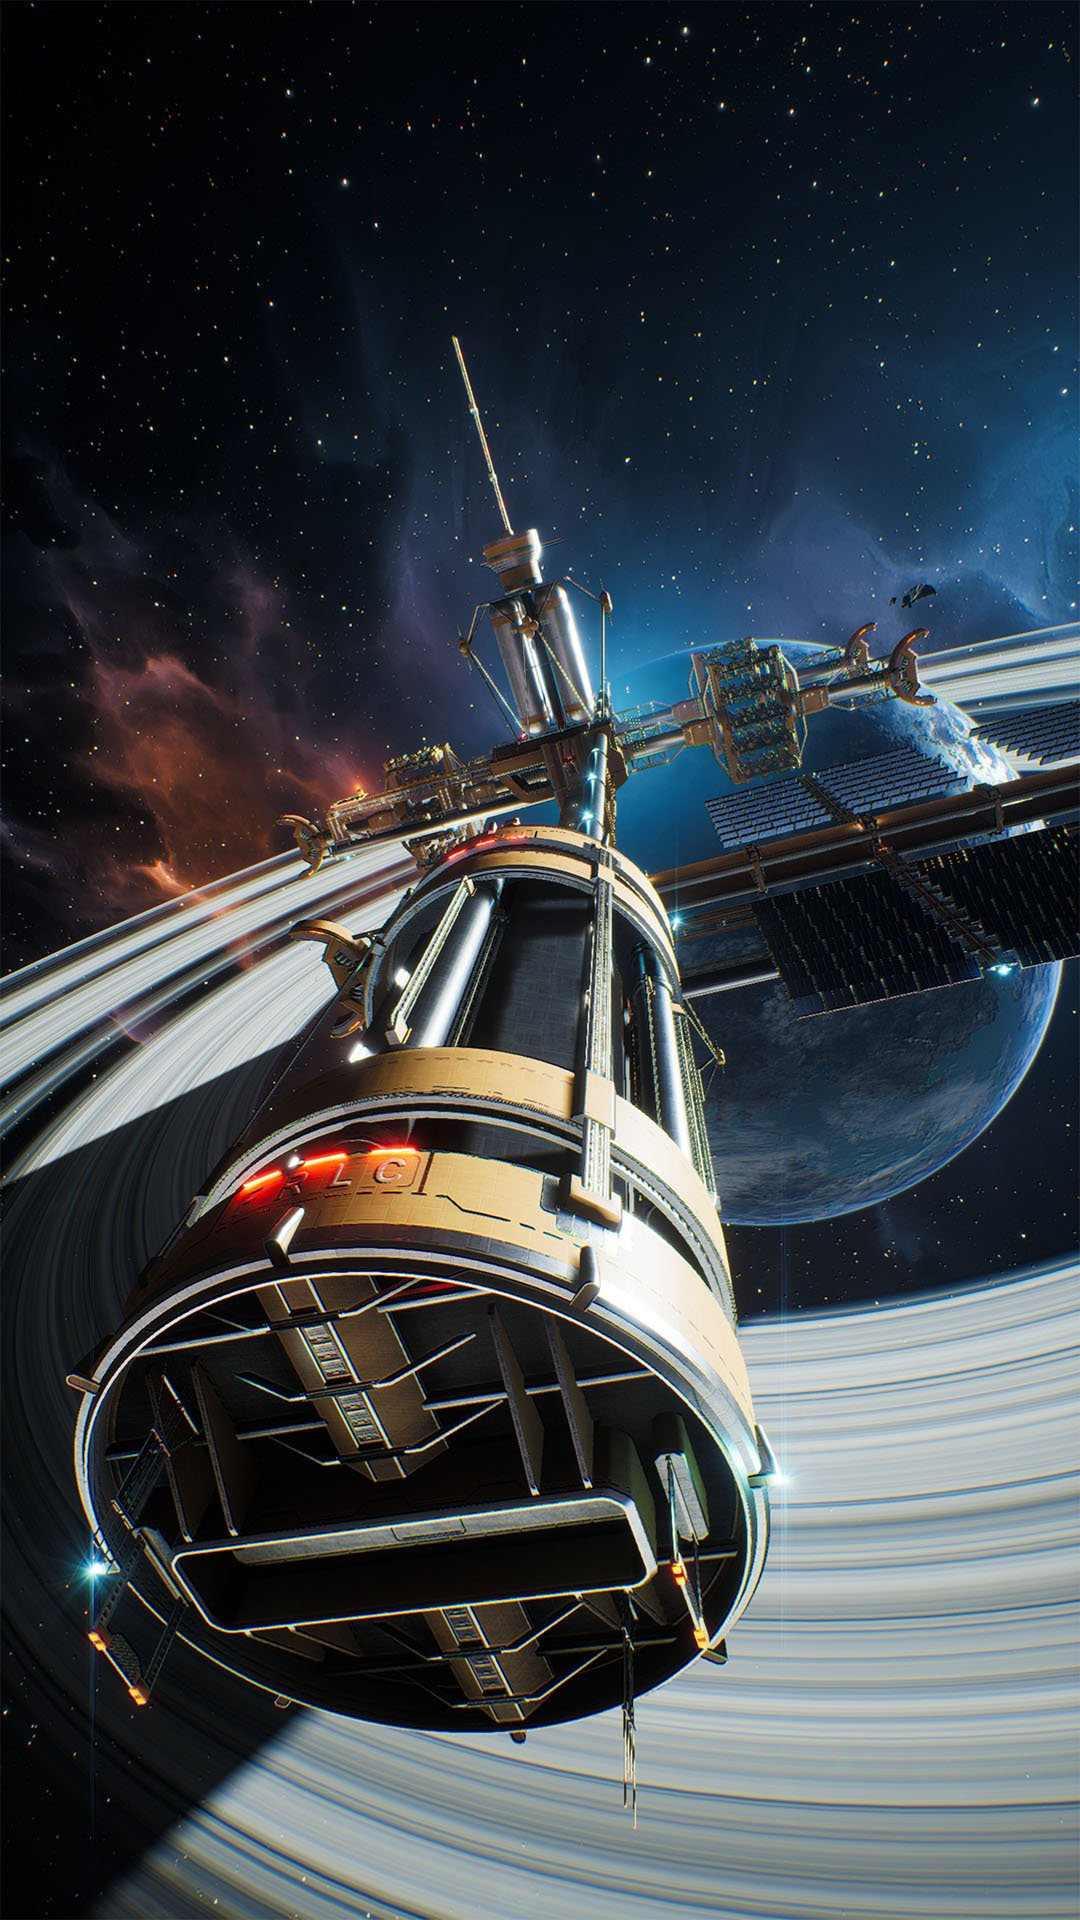 Rockfish公布神秘新作截图 太空科幻风格